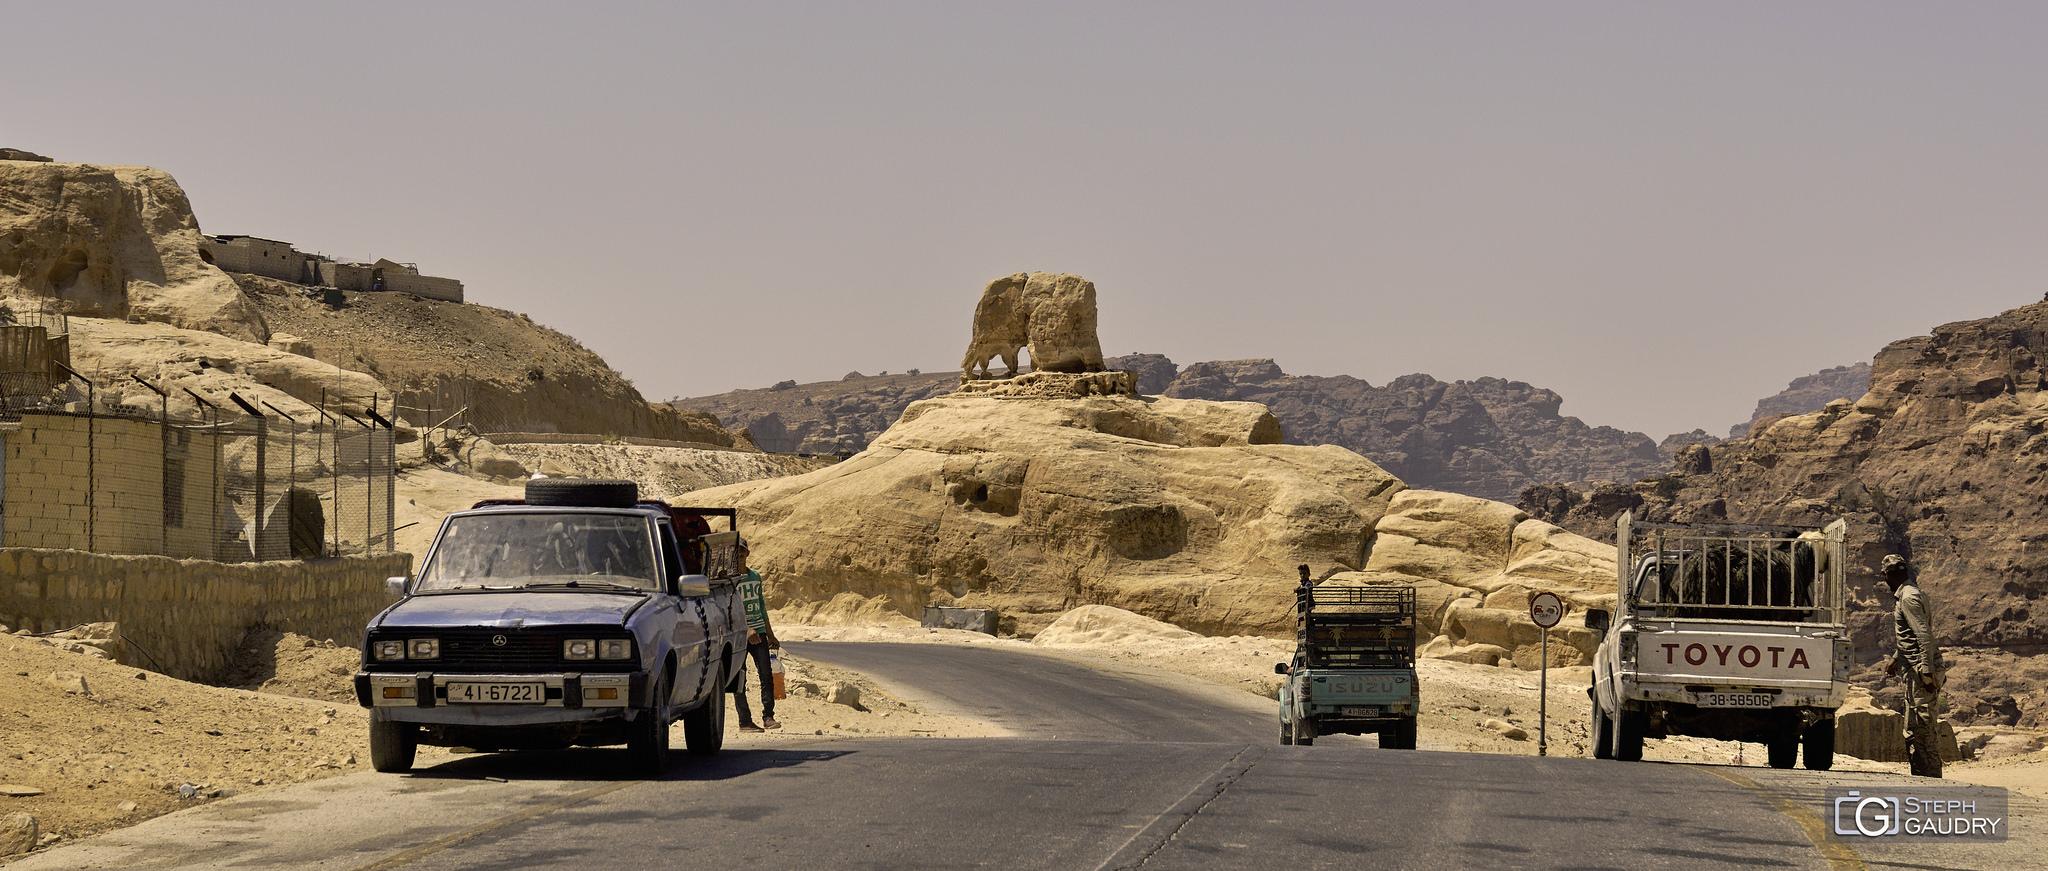 جبل الفيل - The elephant mountain [Klik om de diavoorstelling te starten]